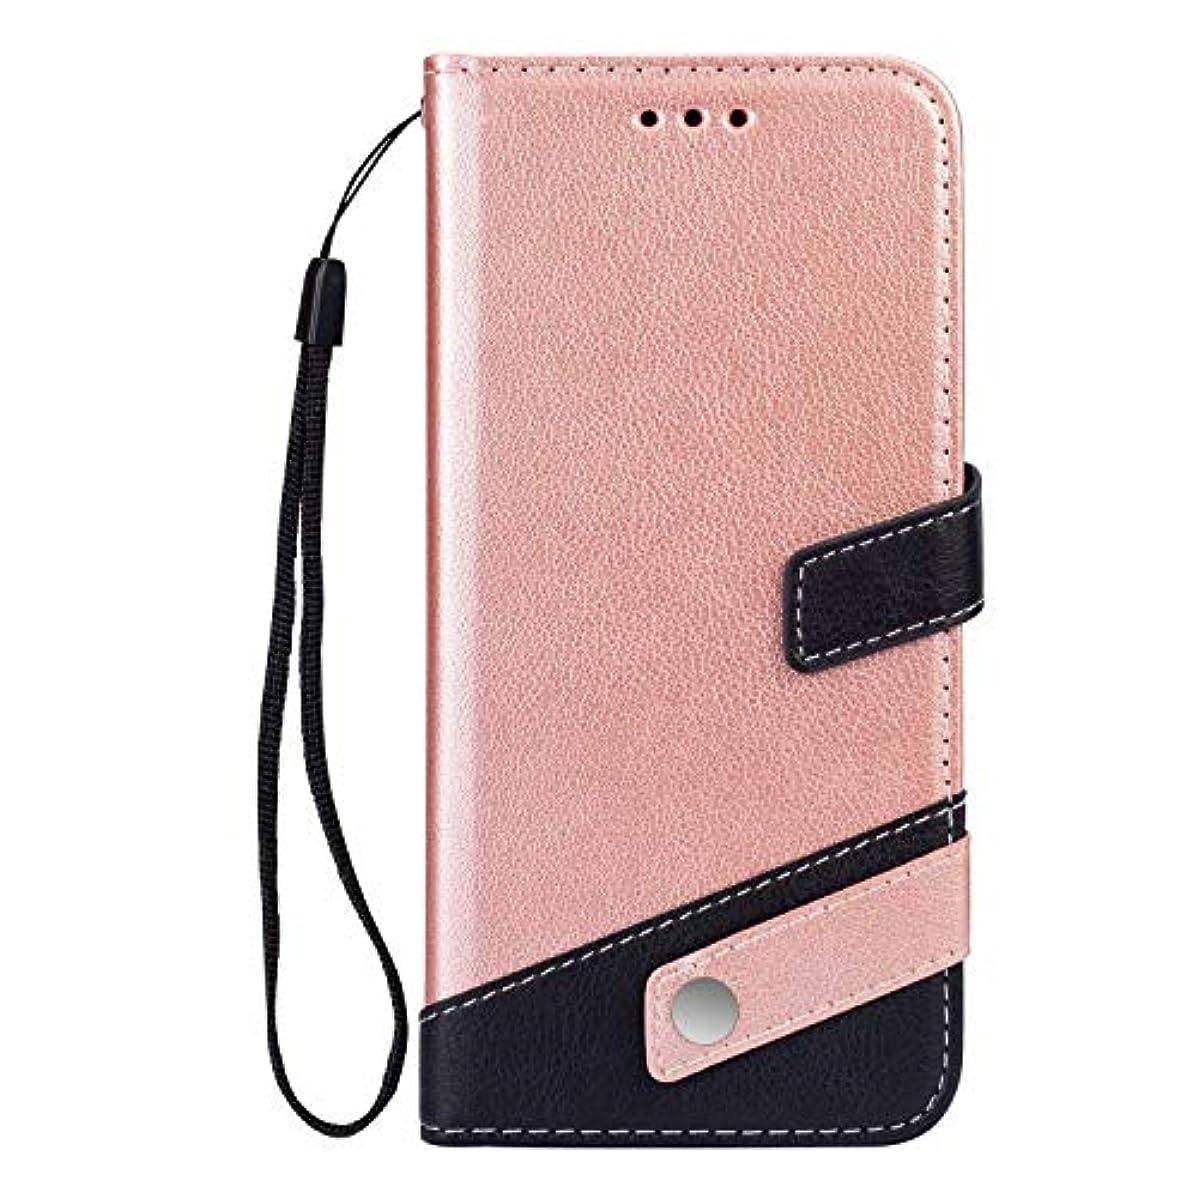 哀れな砂反論Galaxy S10 ケース OMATENTI 手帳型ケース PUレザー 磁石タイプ ストラップホール付き 全面保護 液晶保護 耐衝撃 財布型 耐久性 薄型 スマホケース, ピンク